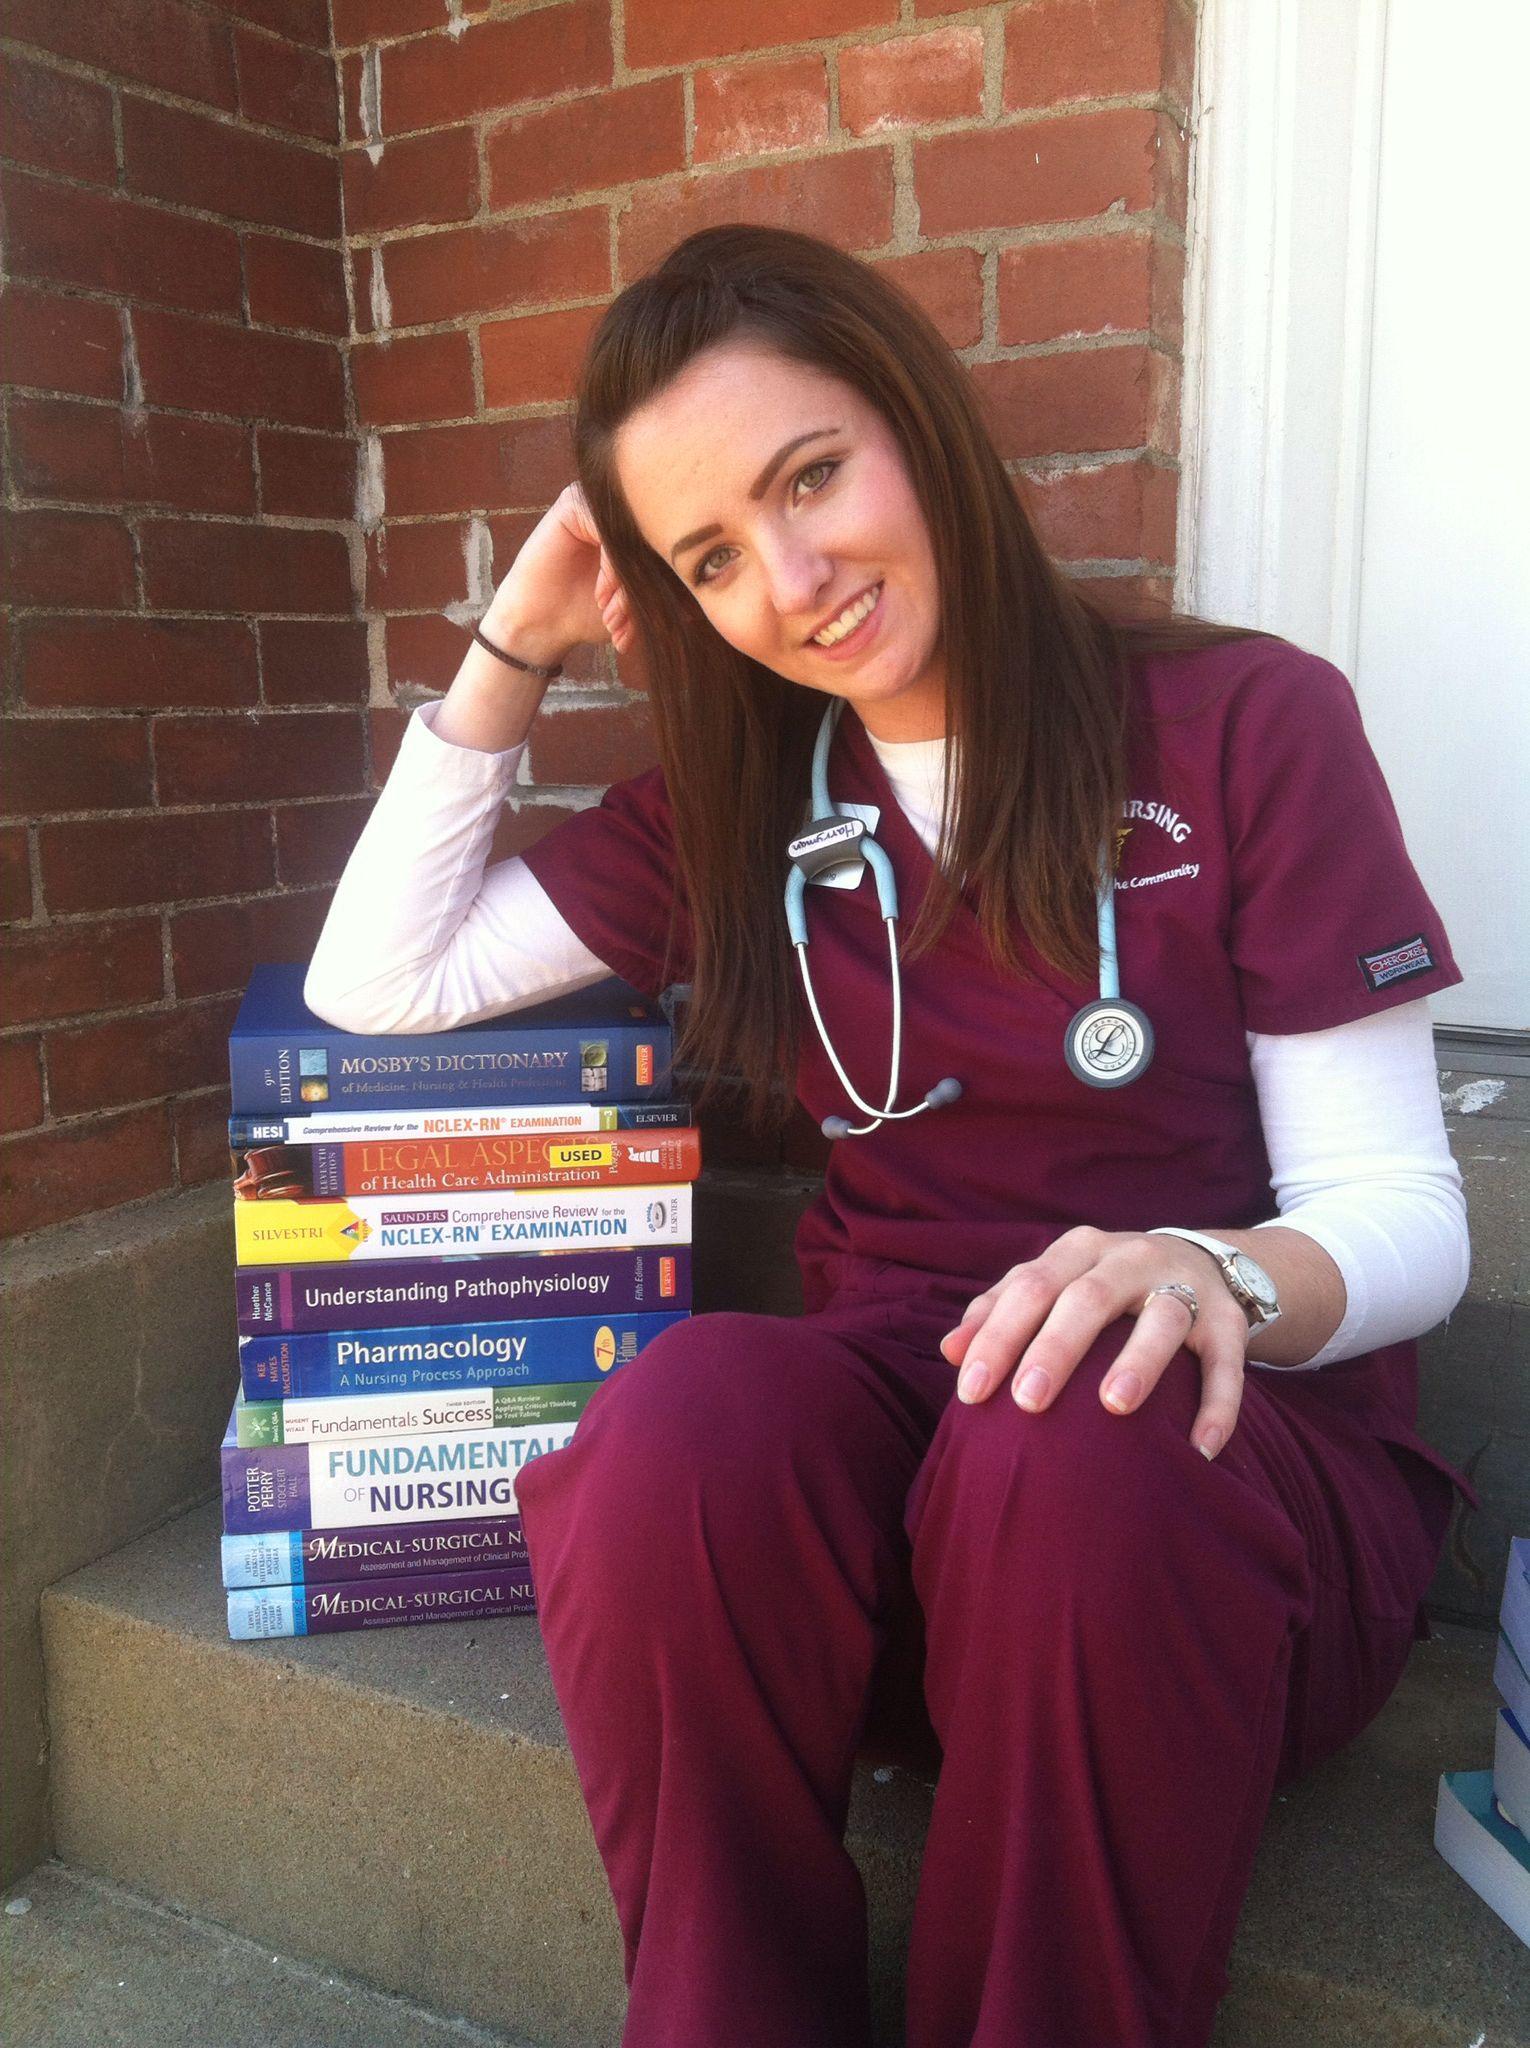 My Nursing Grad Pix Just4me Nursing Graduation